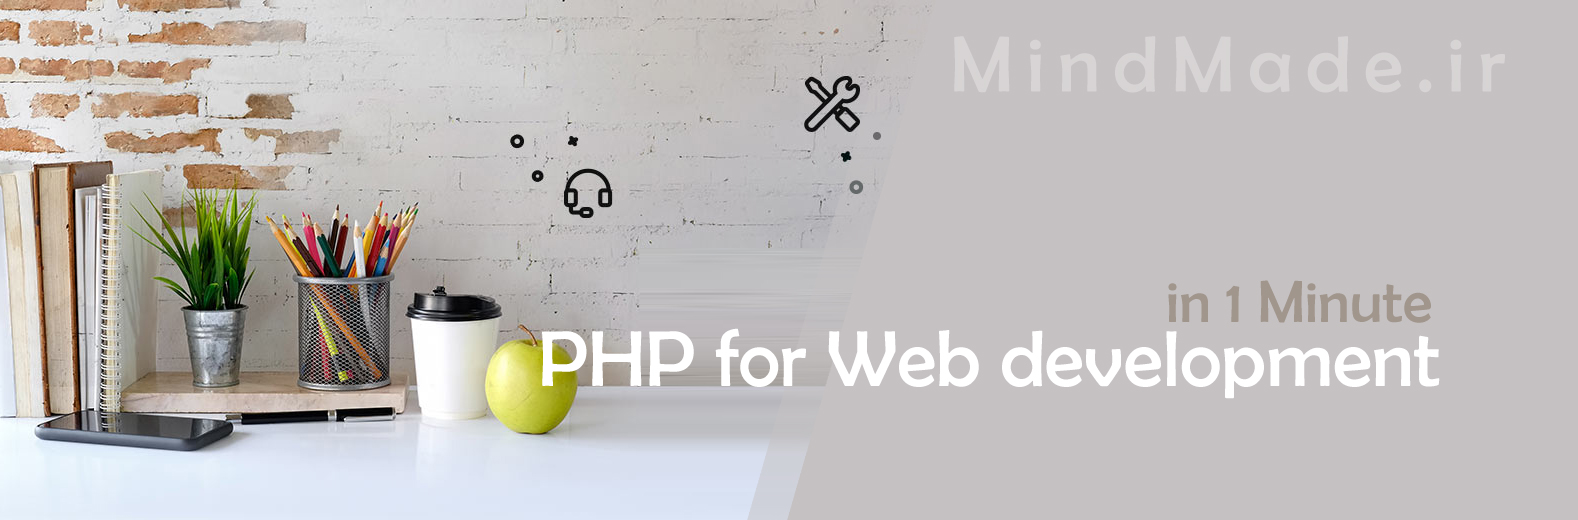 آموزش توسعه وب با PHP درس دوم: وب سرور